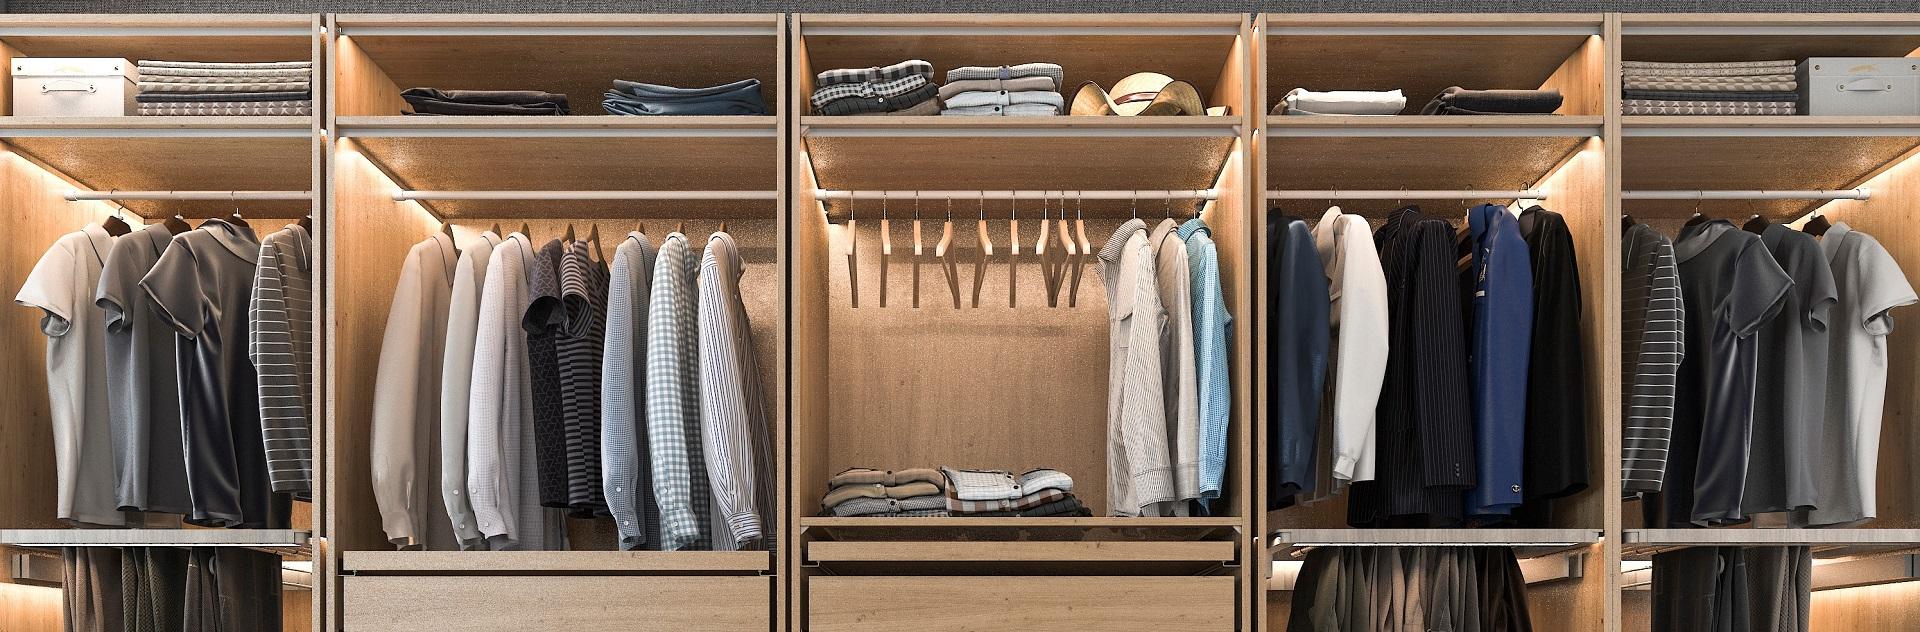 Garderoba na wymiar – co to takiego?